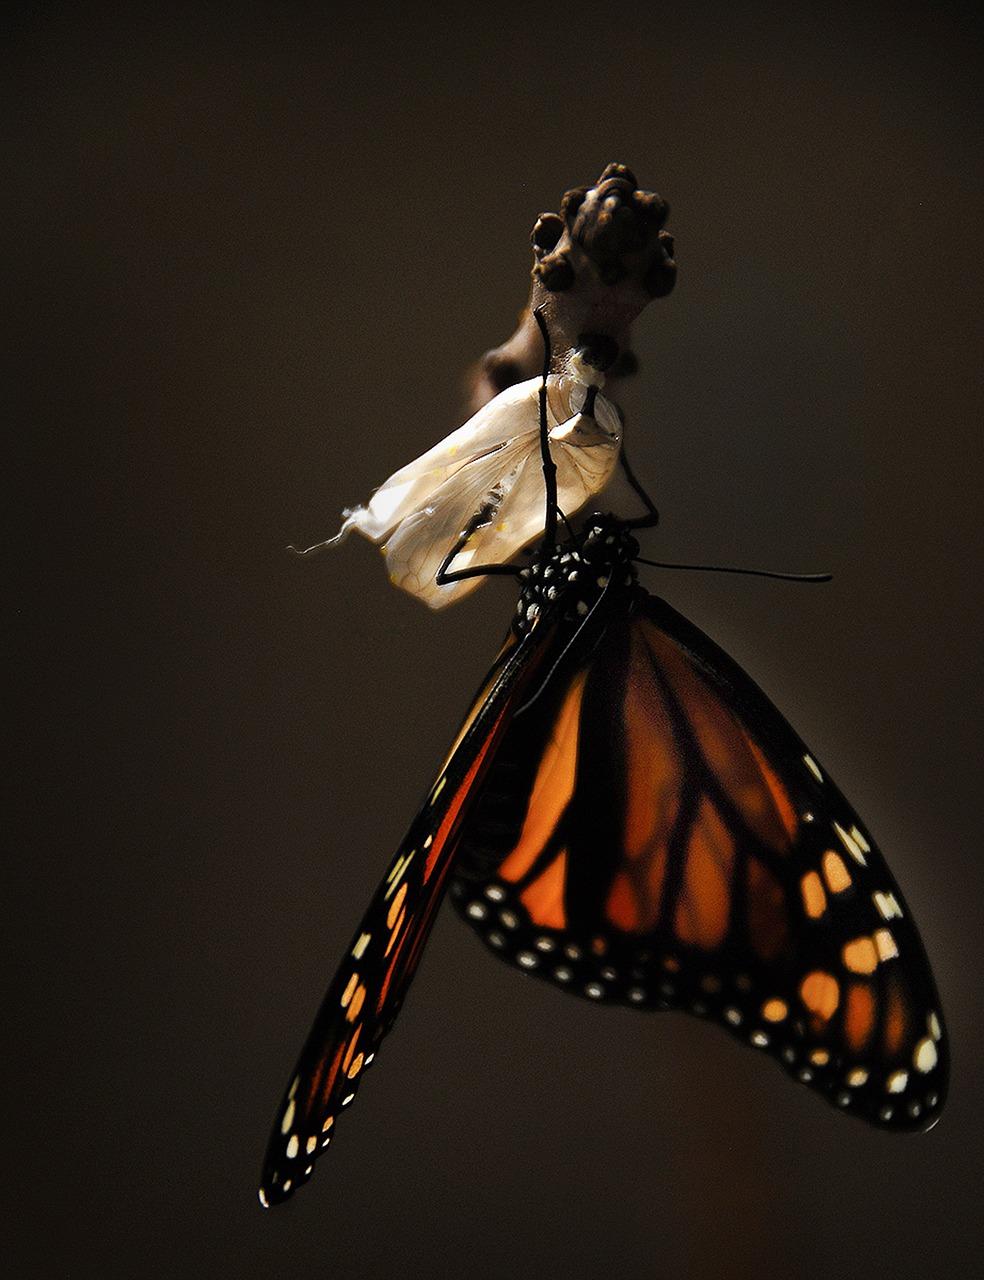 butterfly-1518060_1280